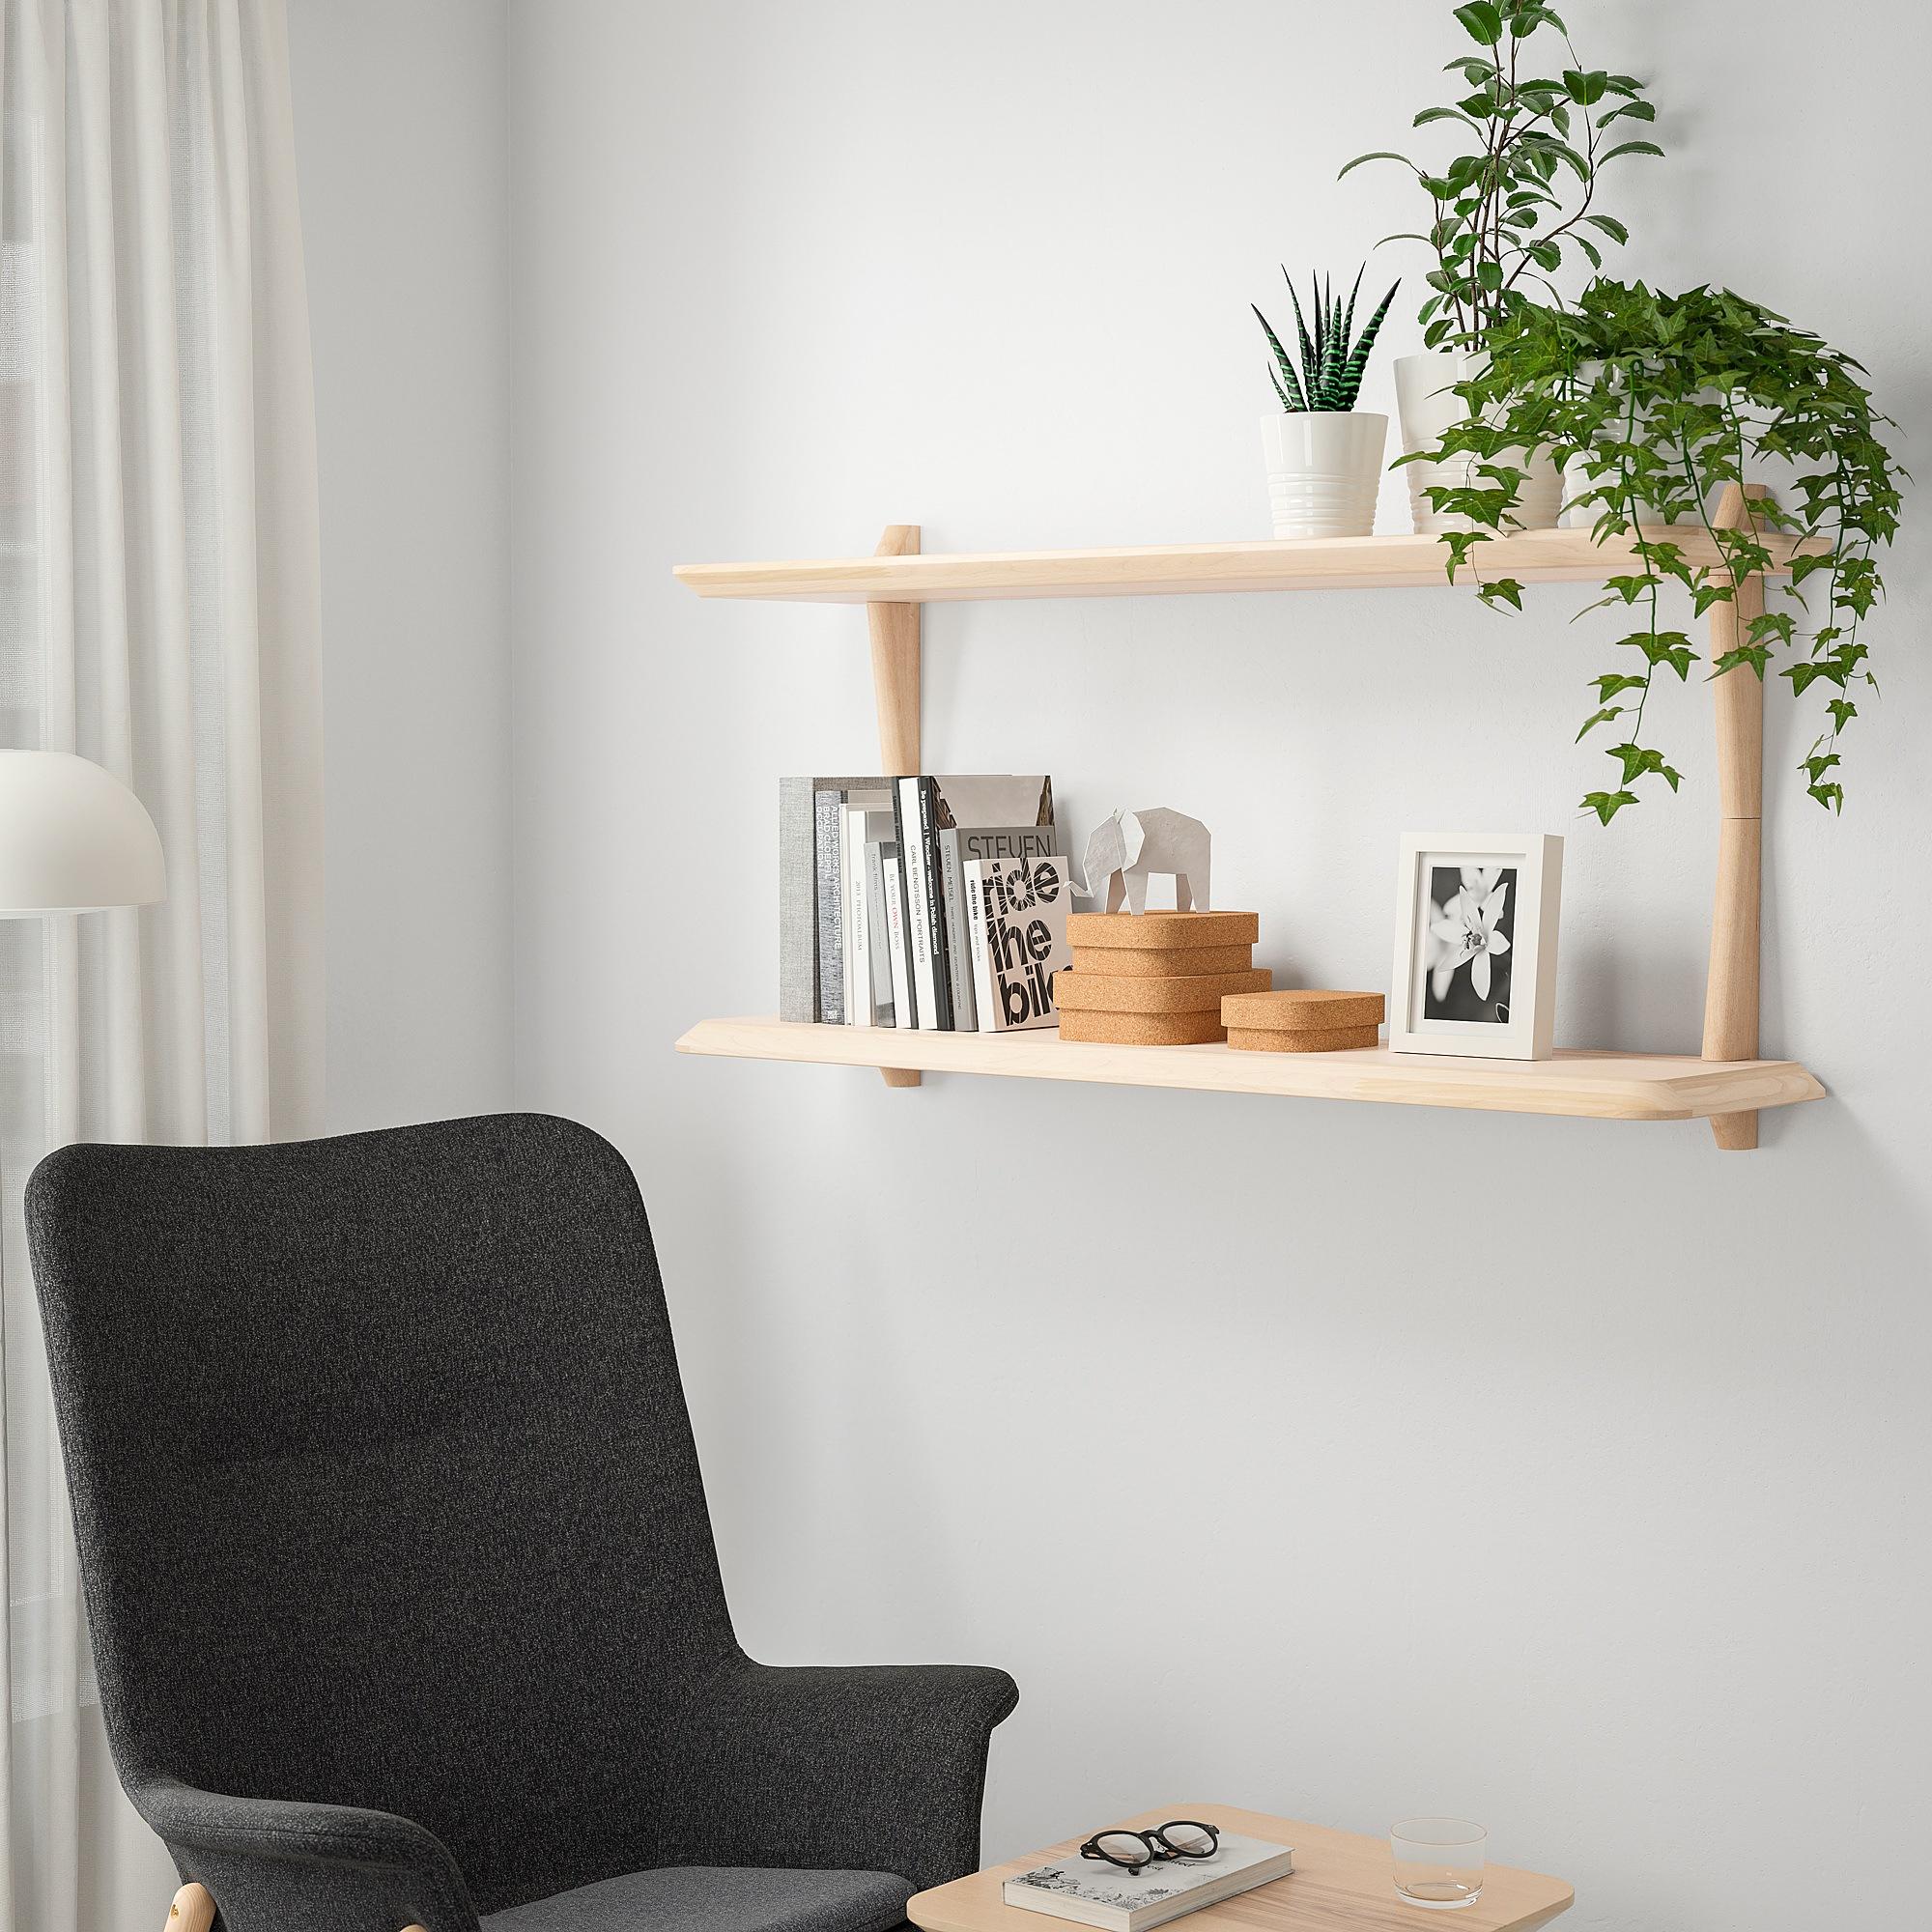 Full Size of Ikea Küche Kosten Modulküche Sofa Mit Schlaffunktion Betten Bei Kaufen 160x200 Miniküche Wohnzimmer Ikea Wandregale